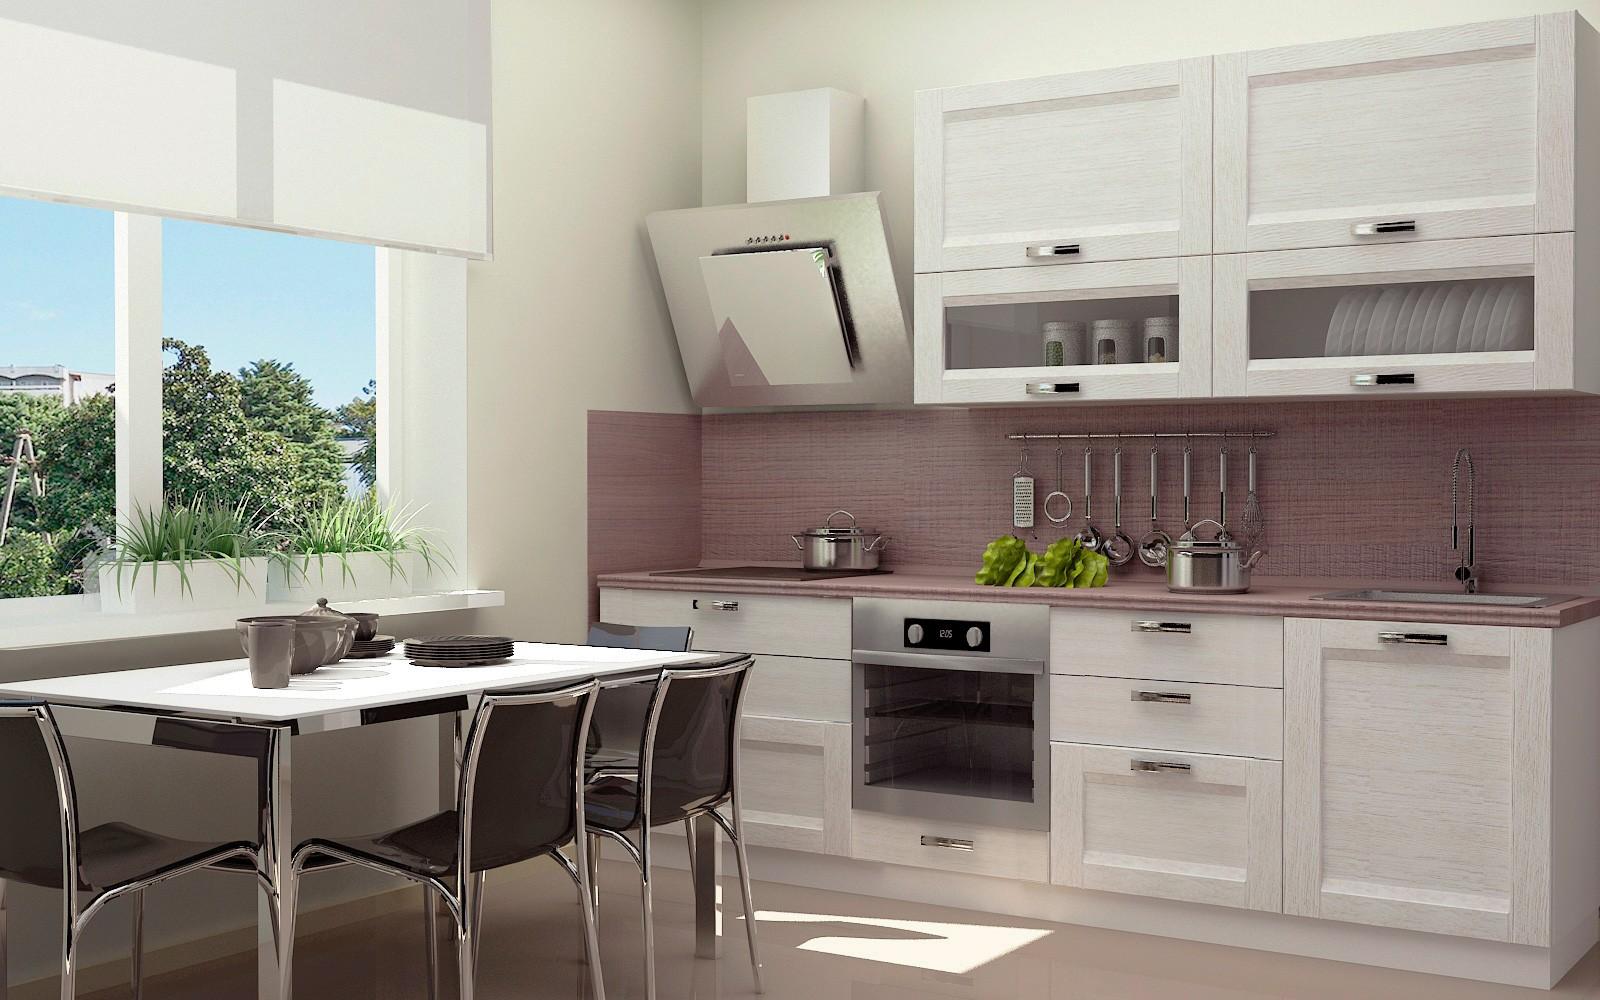 самый кухня рамочный фасад фото может